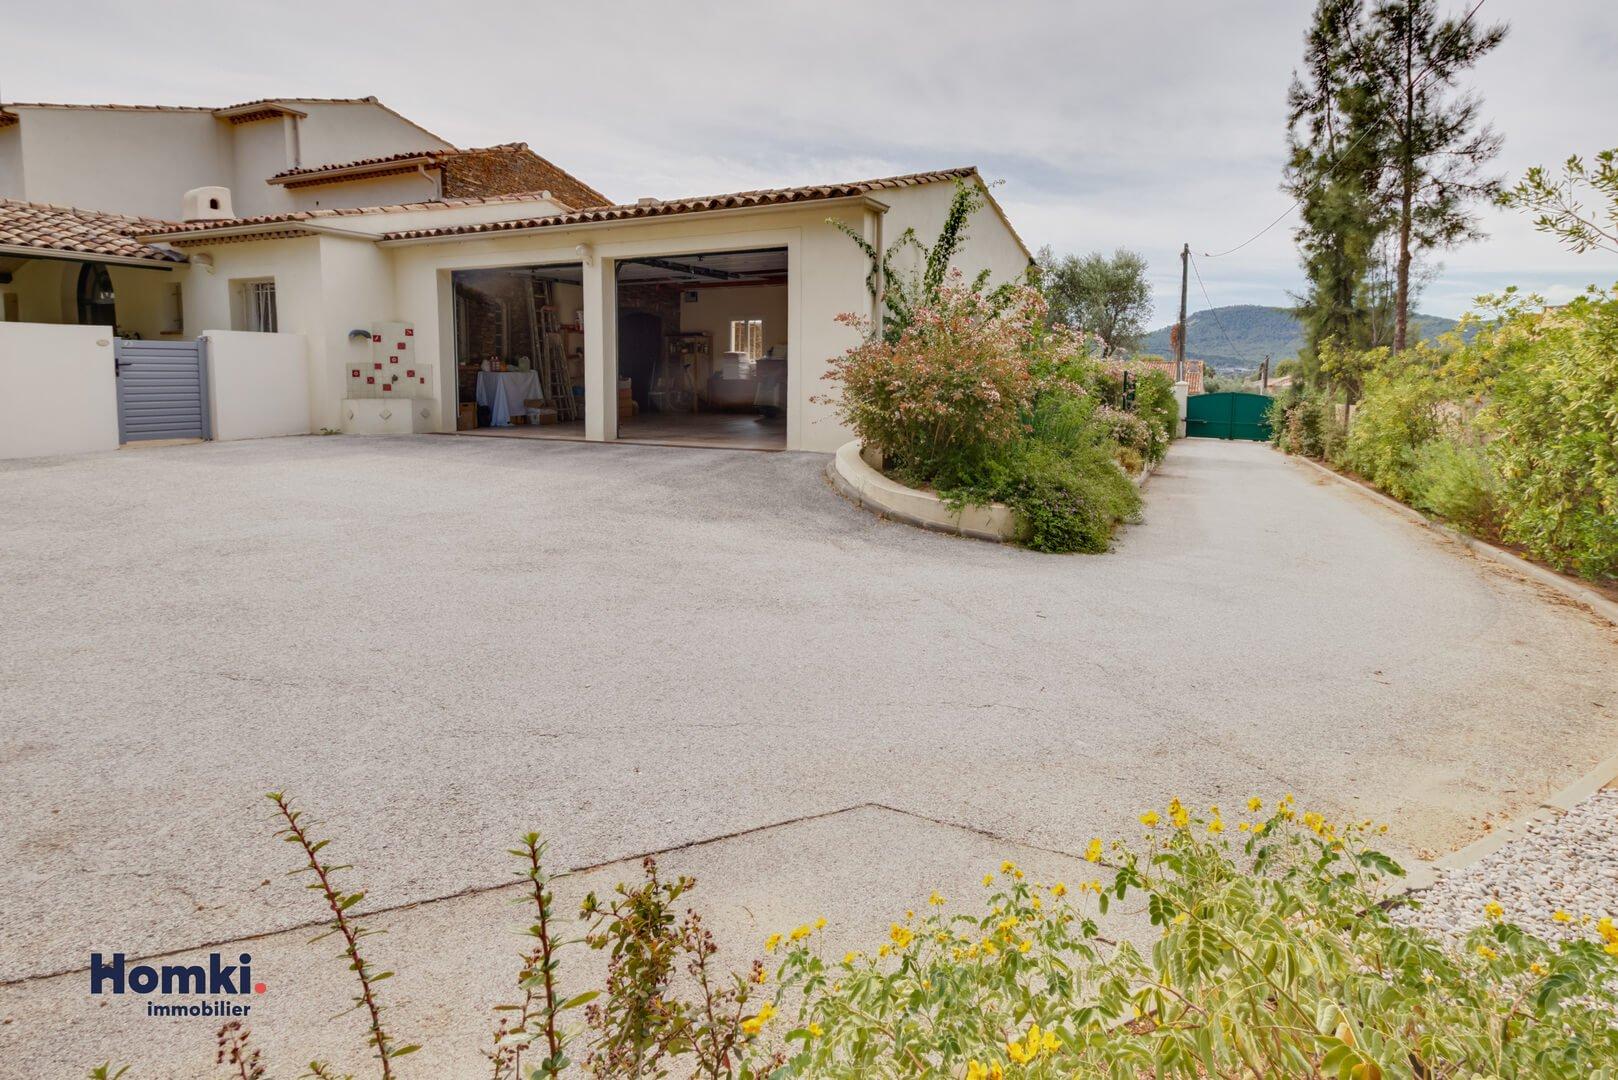 Homki - Vente maison/villa  de 380.0 m² à Hyères 83400